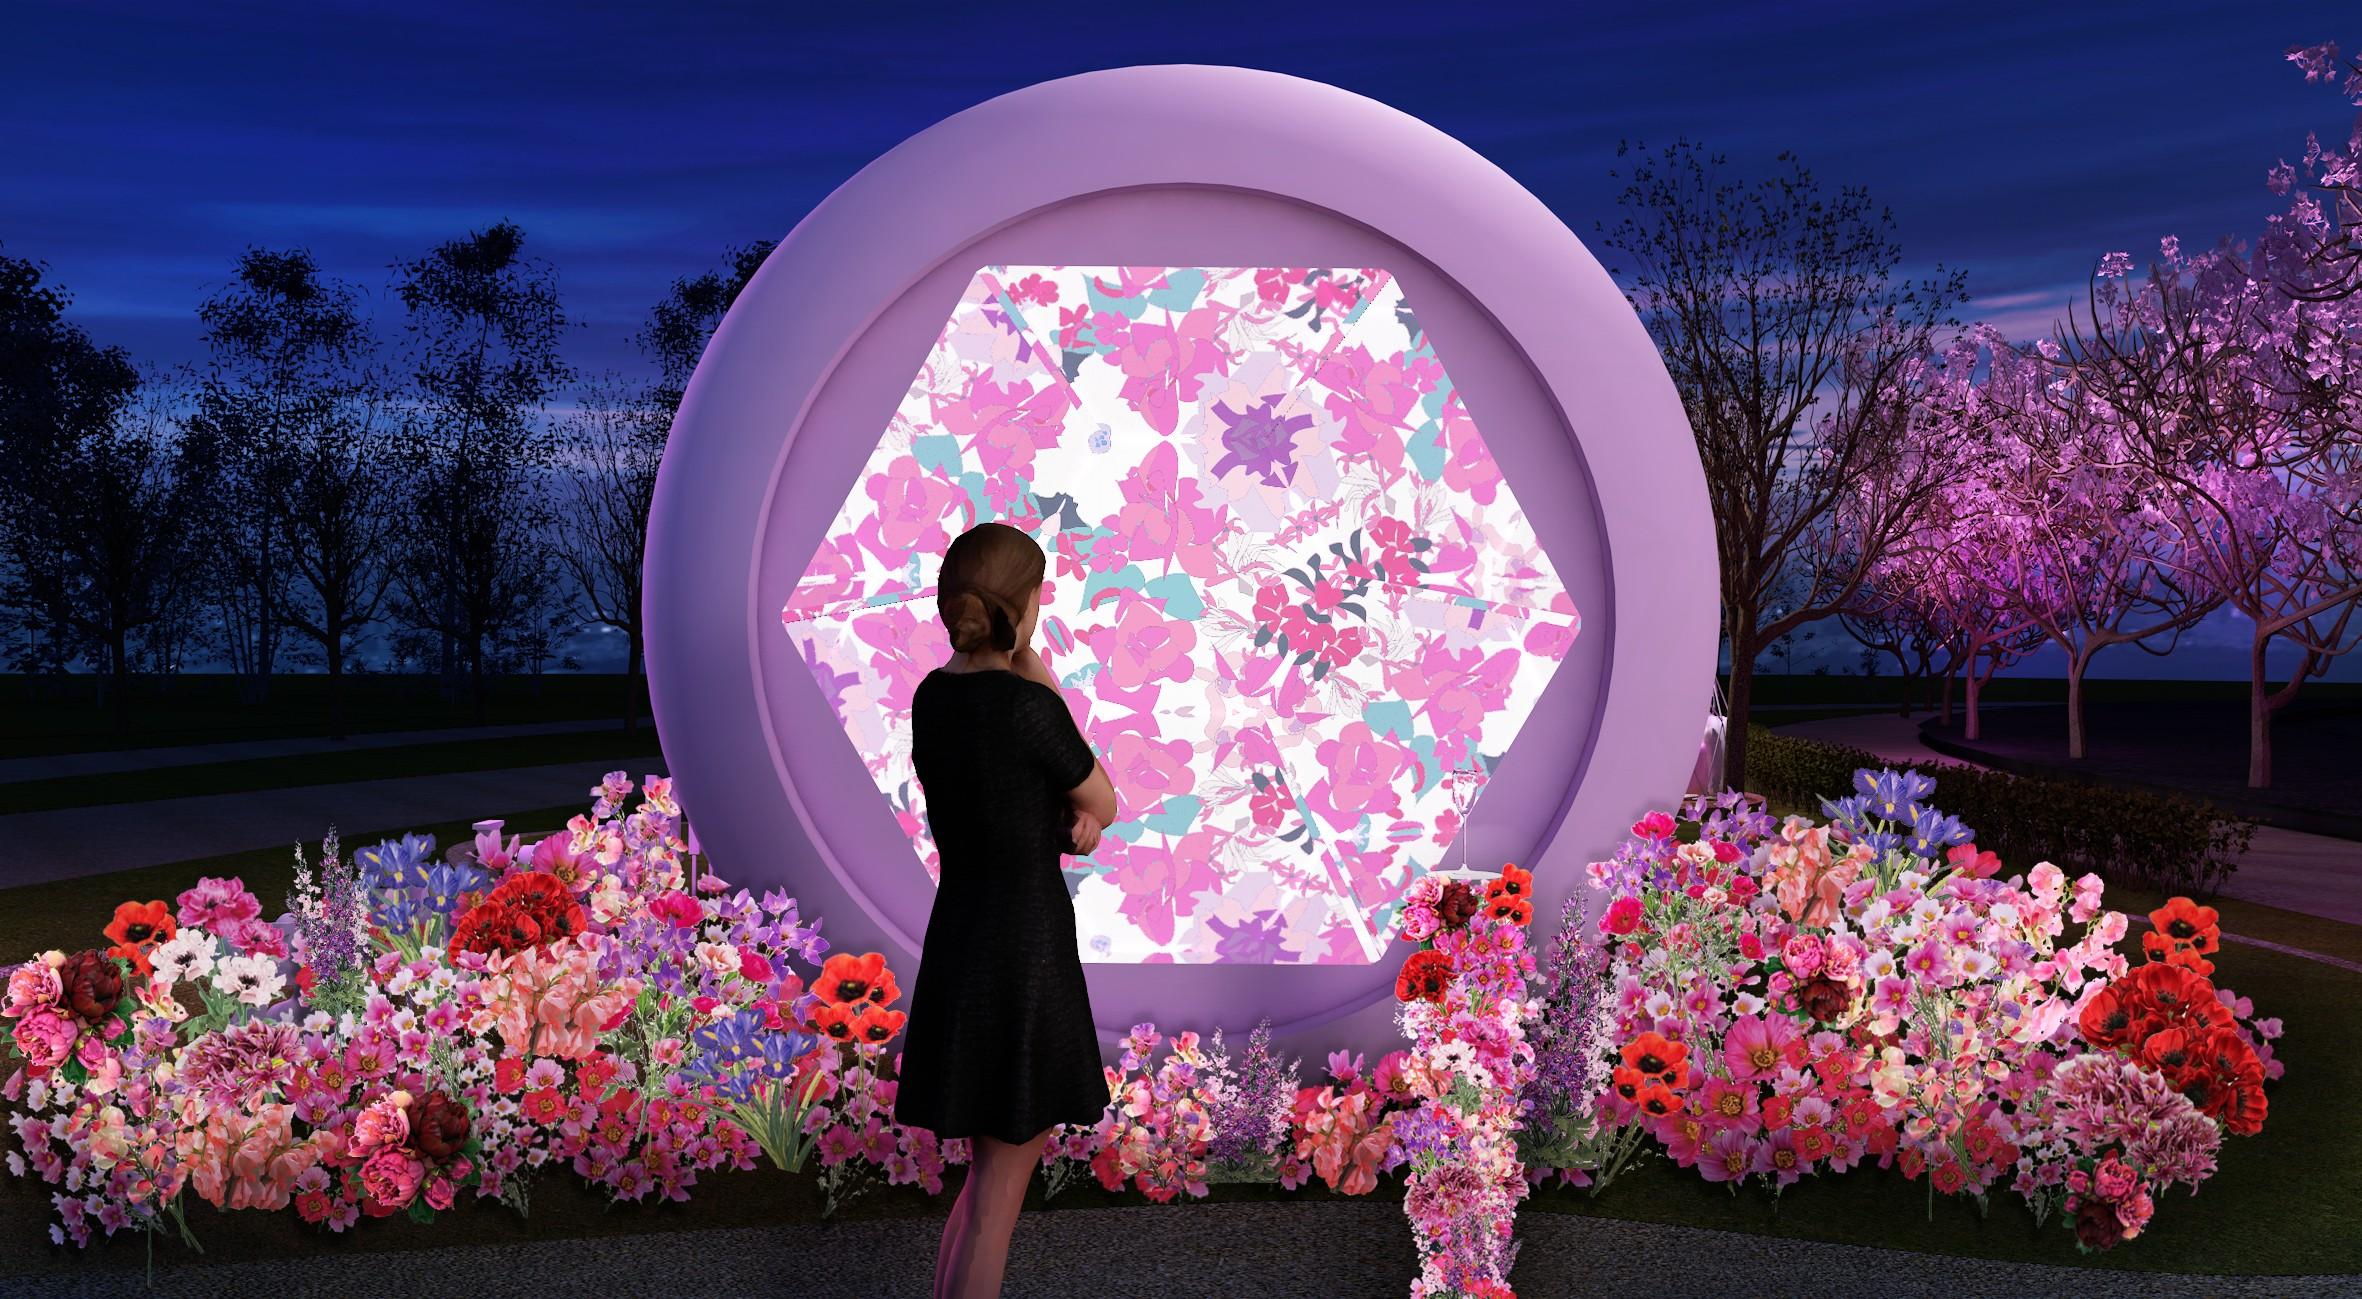 巨大なボトルはなんと万華鏡♡ 『東京ミッドタウン』の可愛すぎる桜イベント「CHANDON Blossom Lounge」【#桜 2019 9】_3